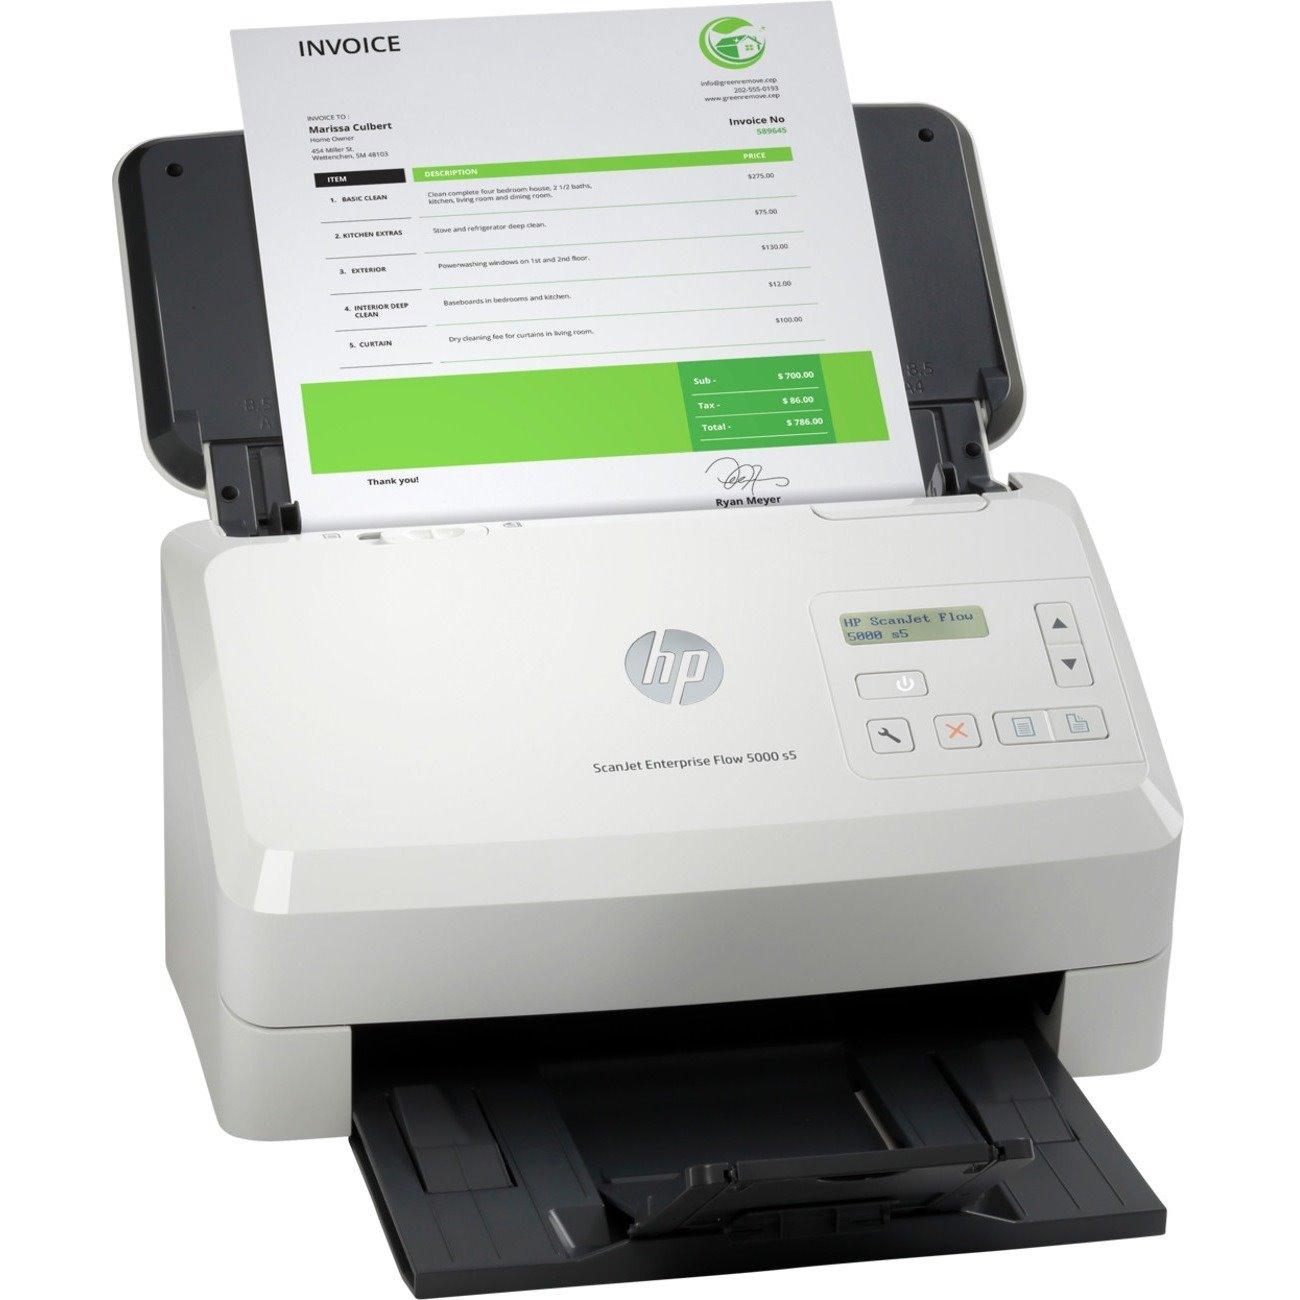 HP Scanjet Enterprise Flow 5000 S5 Sheetfed Scanner - 600 dpi Optical